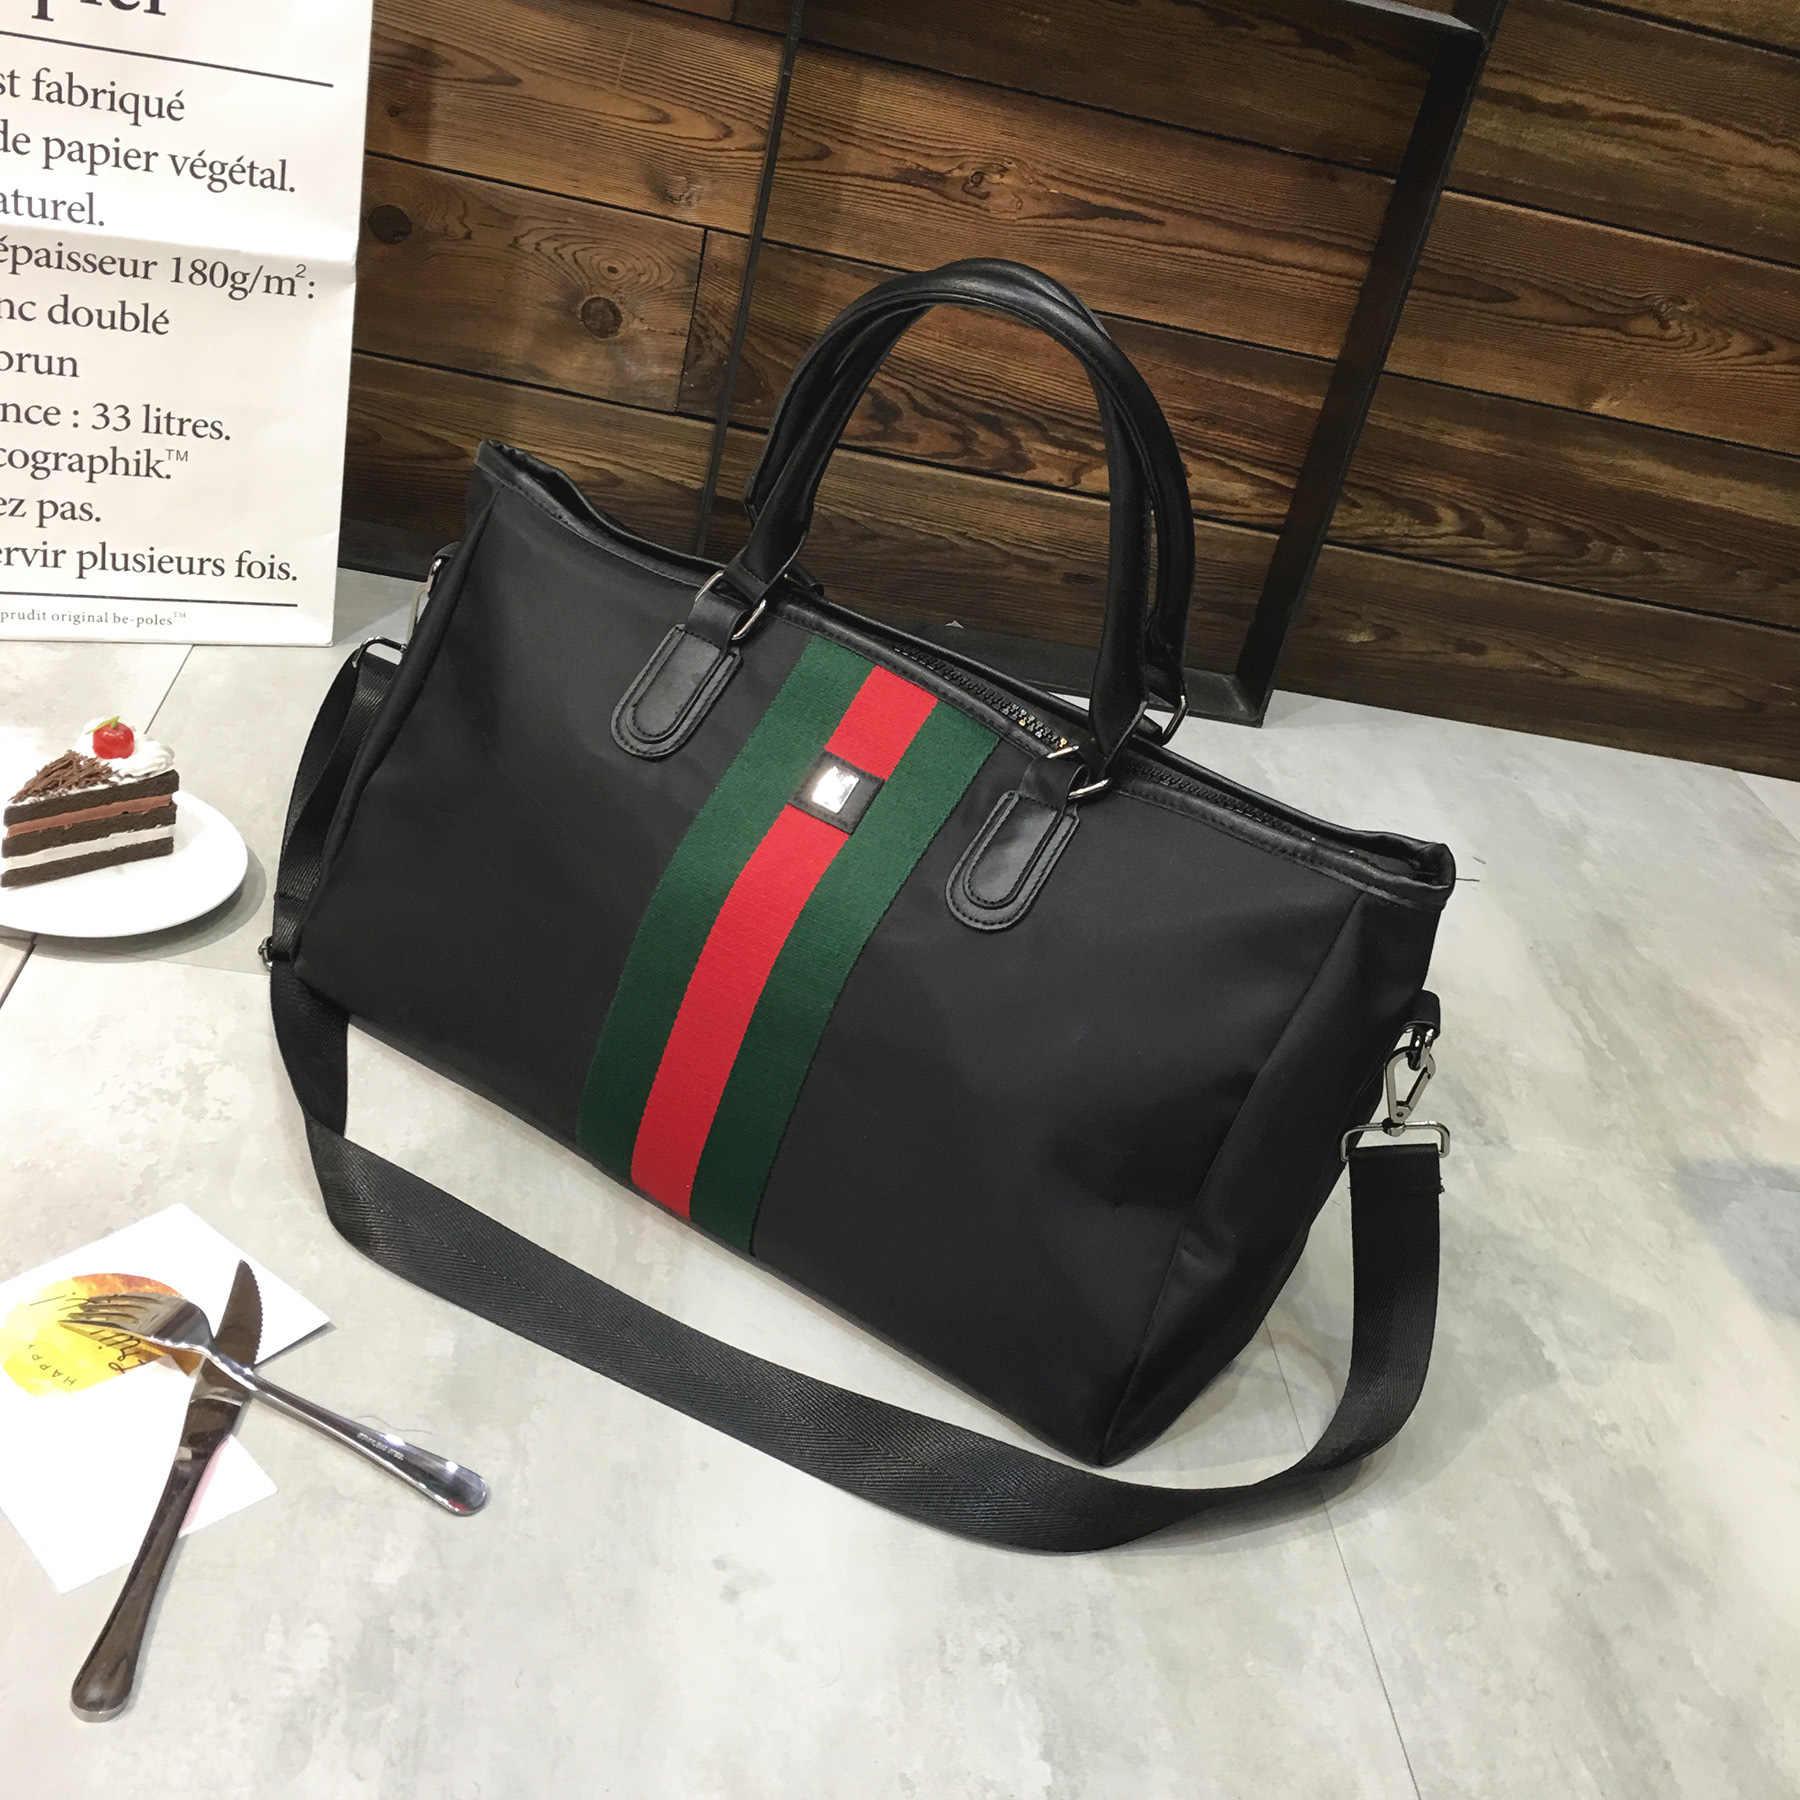 0edd506f0649 ... Женский портативный дорожные сумки на колесах непромокаемые женские  чемодан с выдвижной ручкой дорожная сумка 2018 2